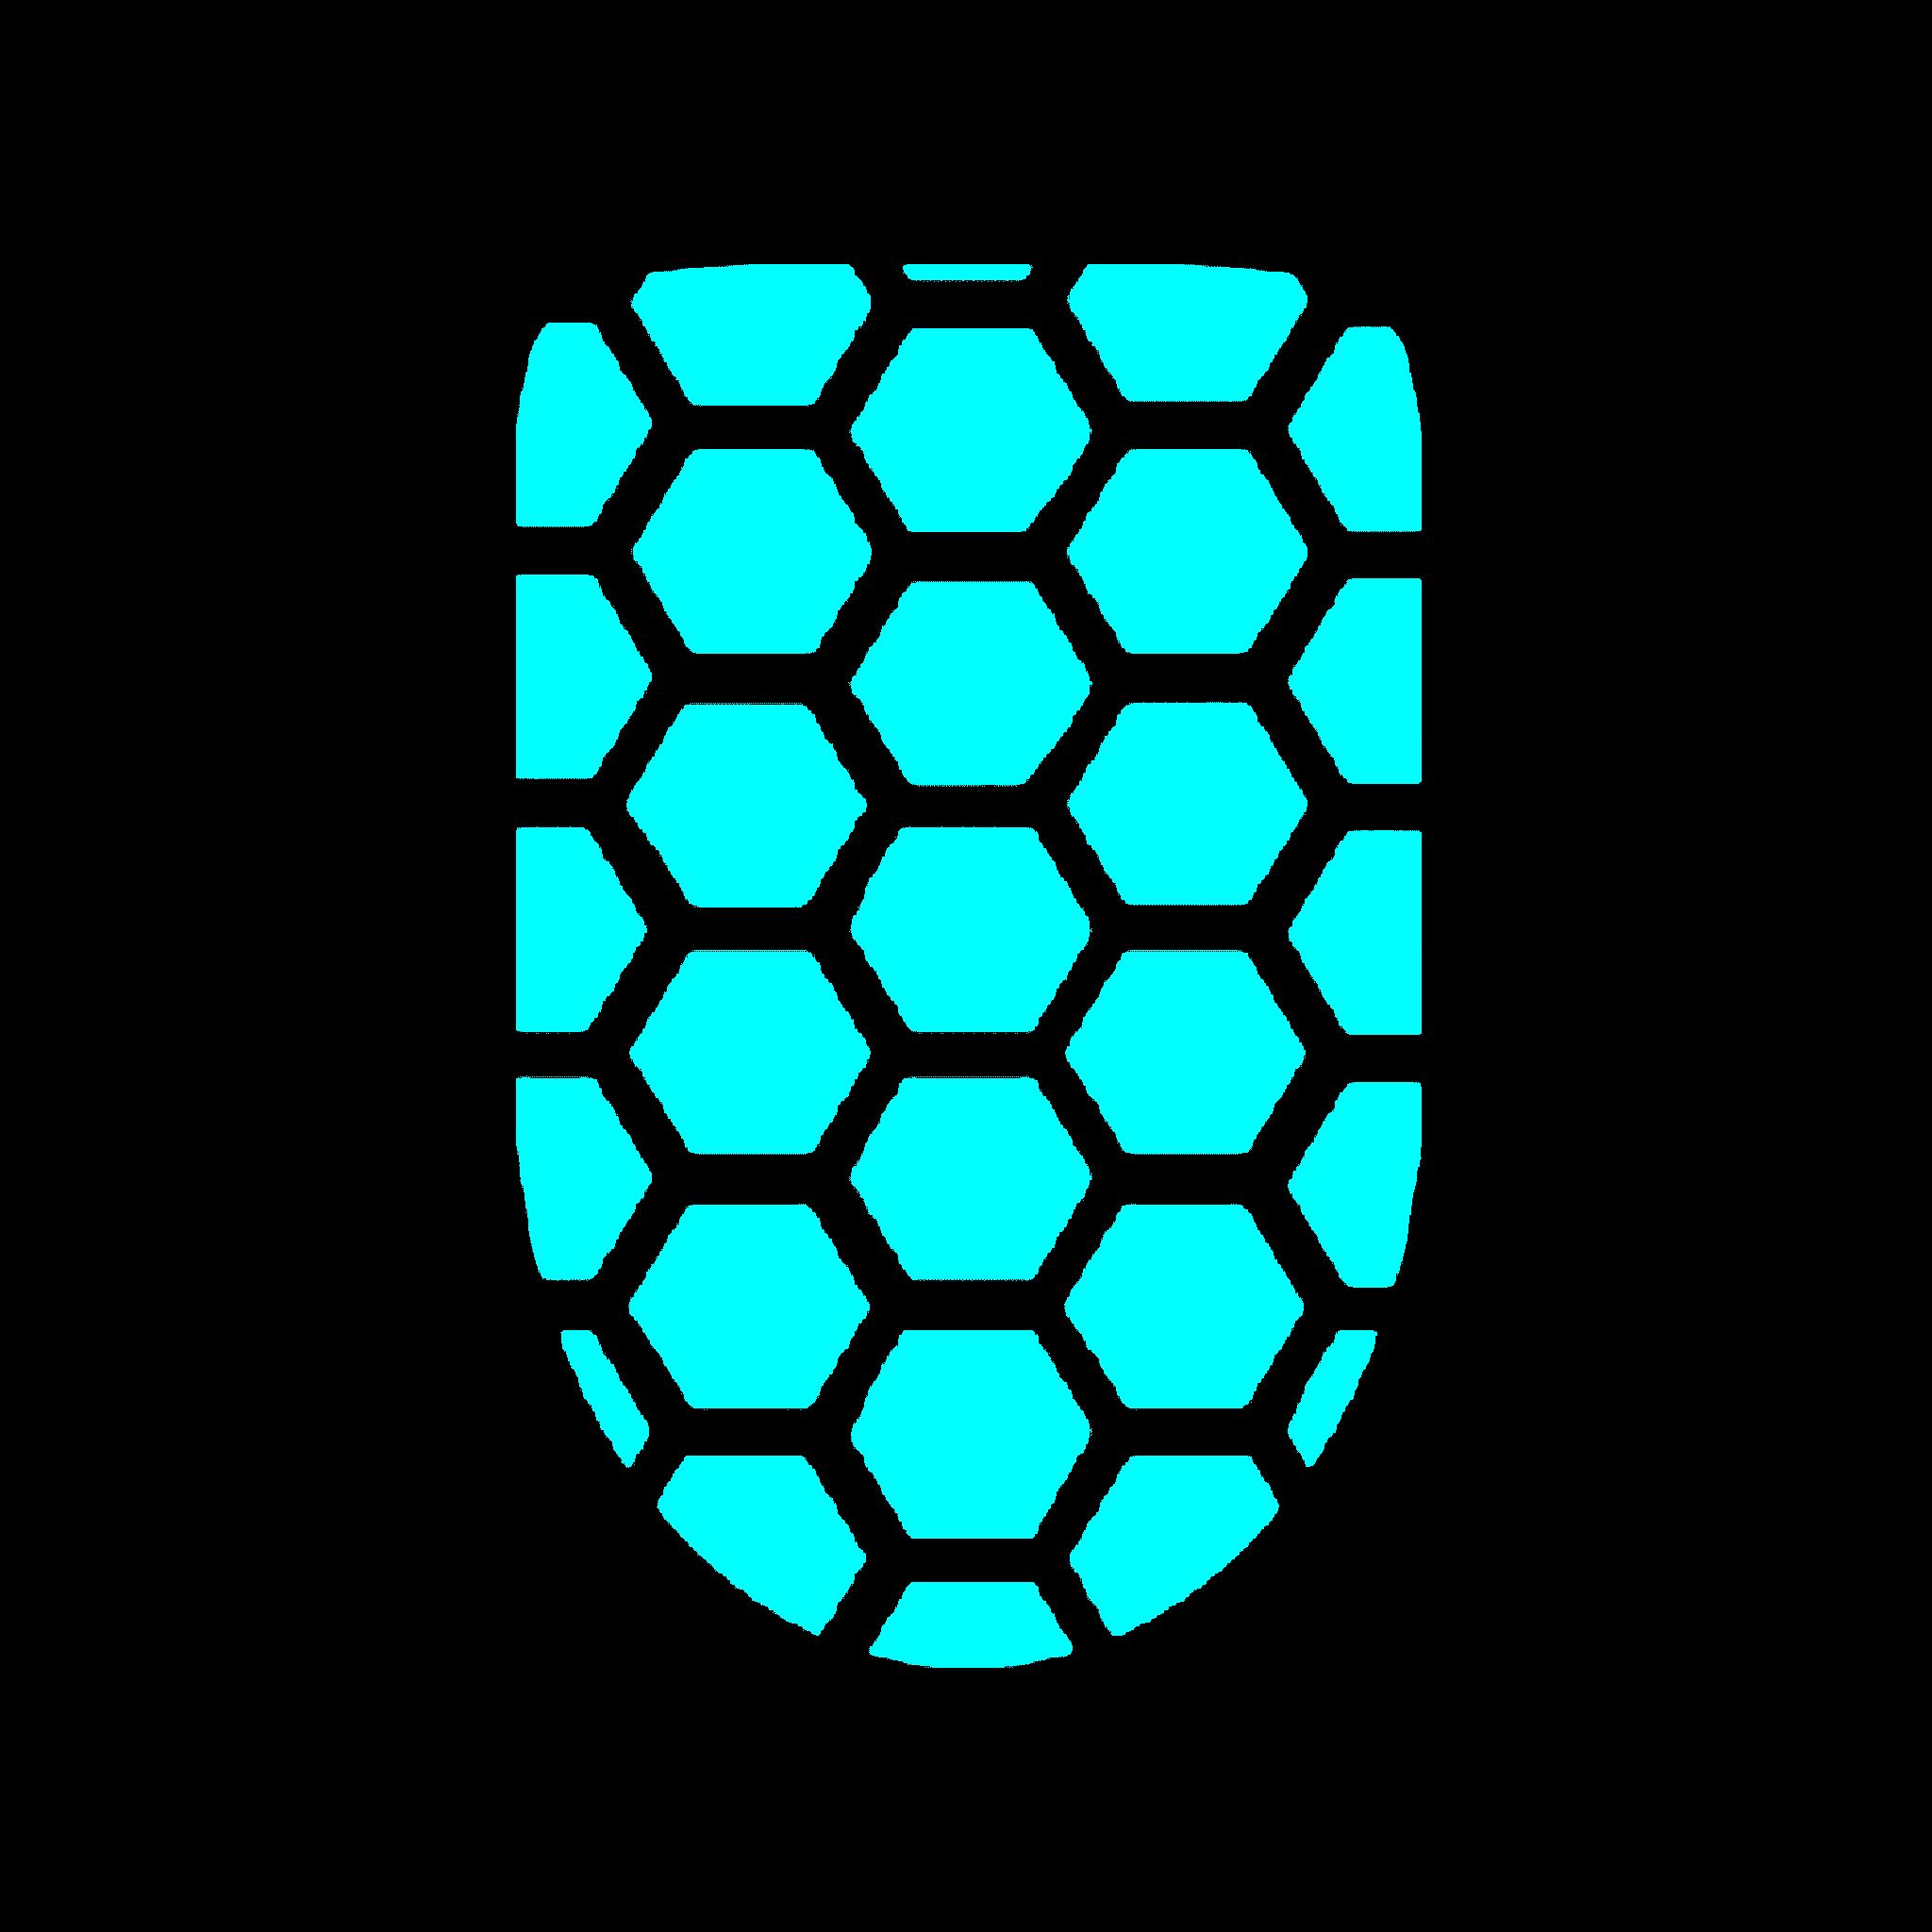 #KH Nail Emblem